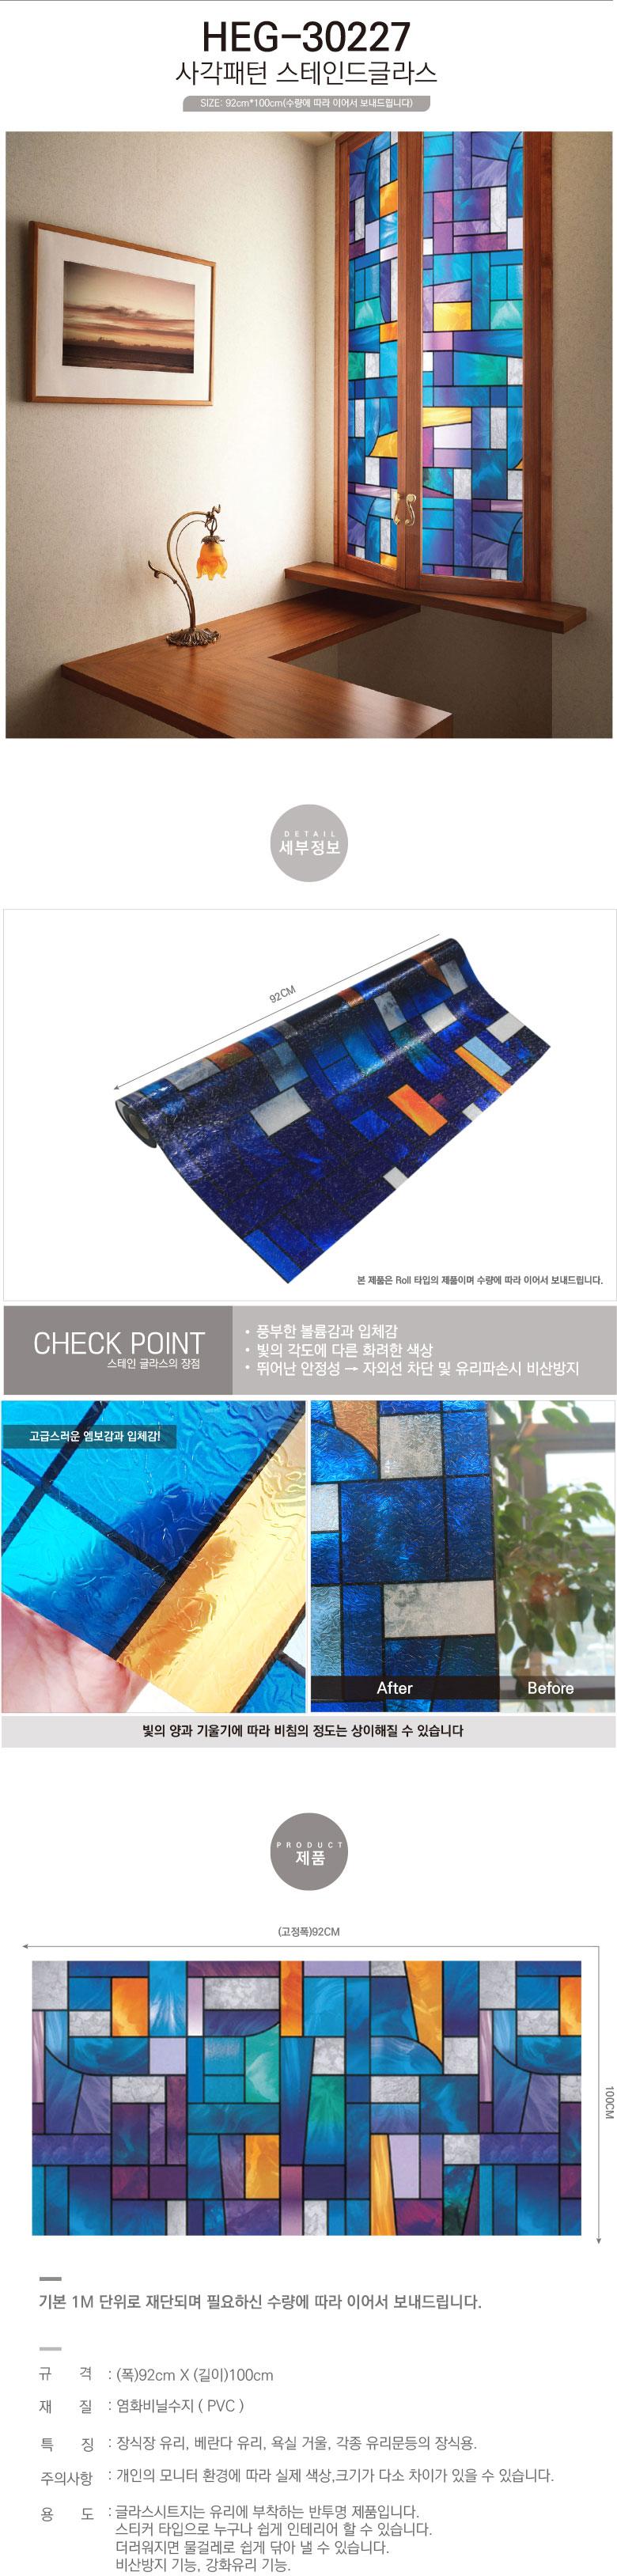 현대시트 스테인드글라스 창문용패턴시트 3종 - 케이알인터내셔날, 14,000원, 벽시/시트지, 디자인벽지